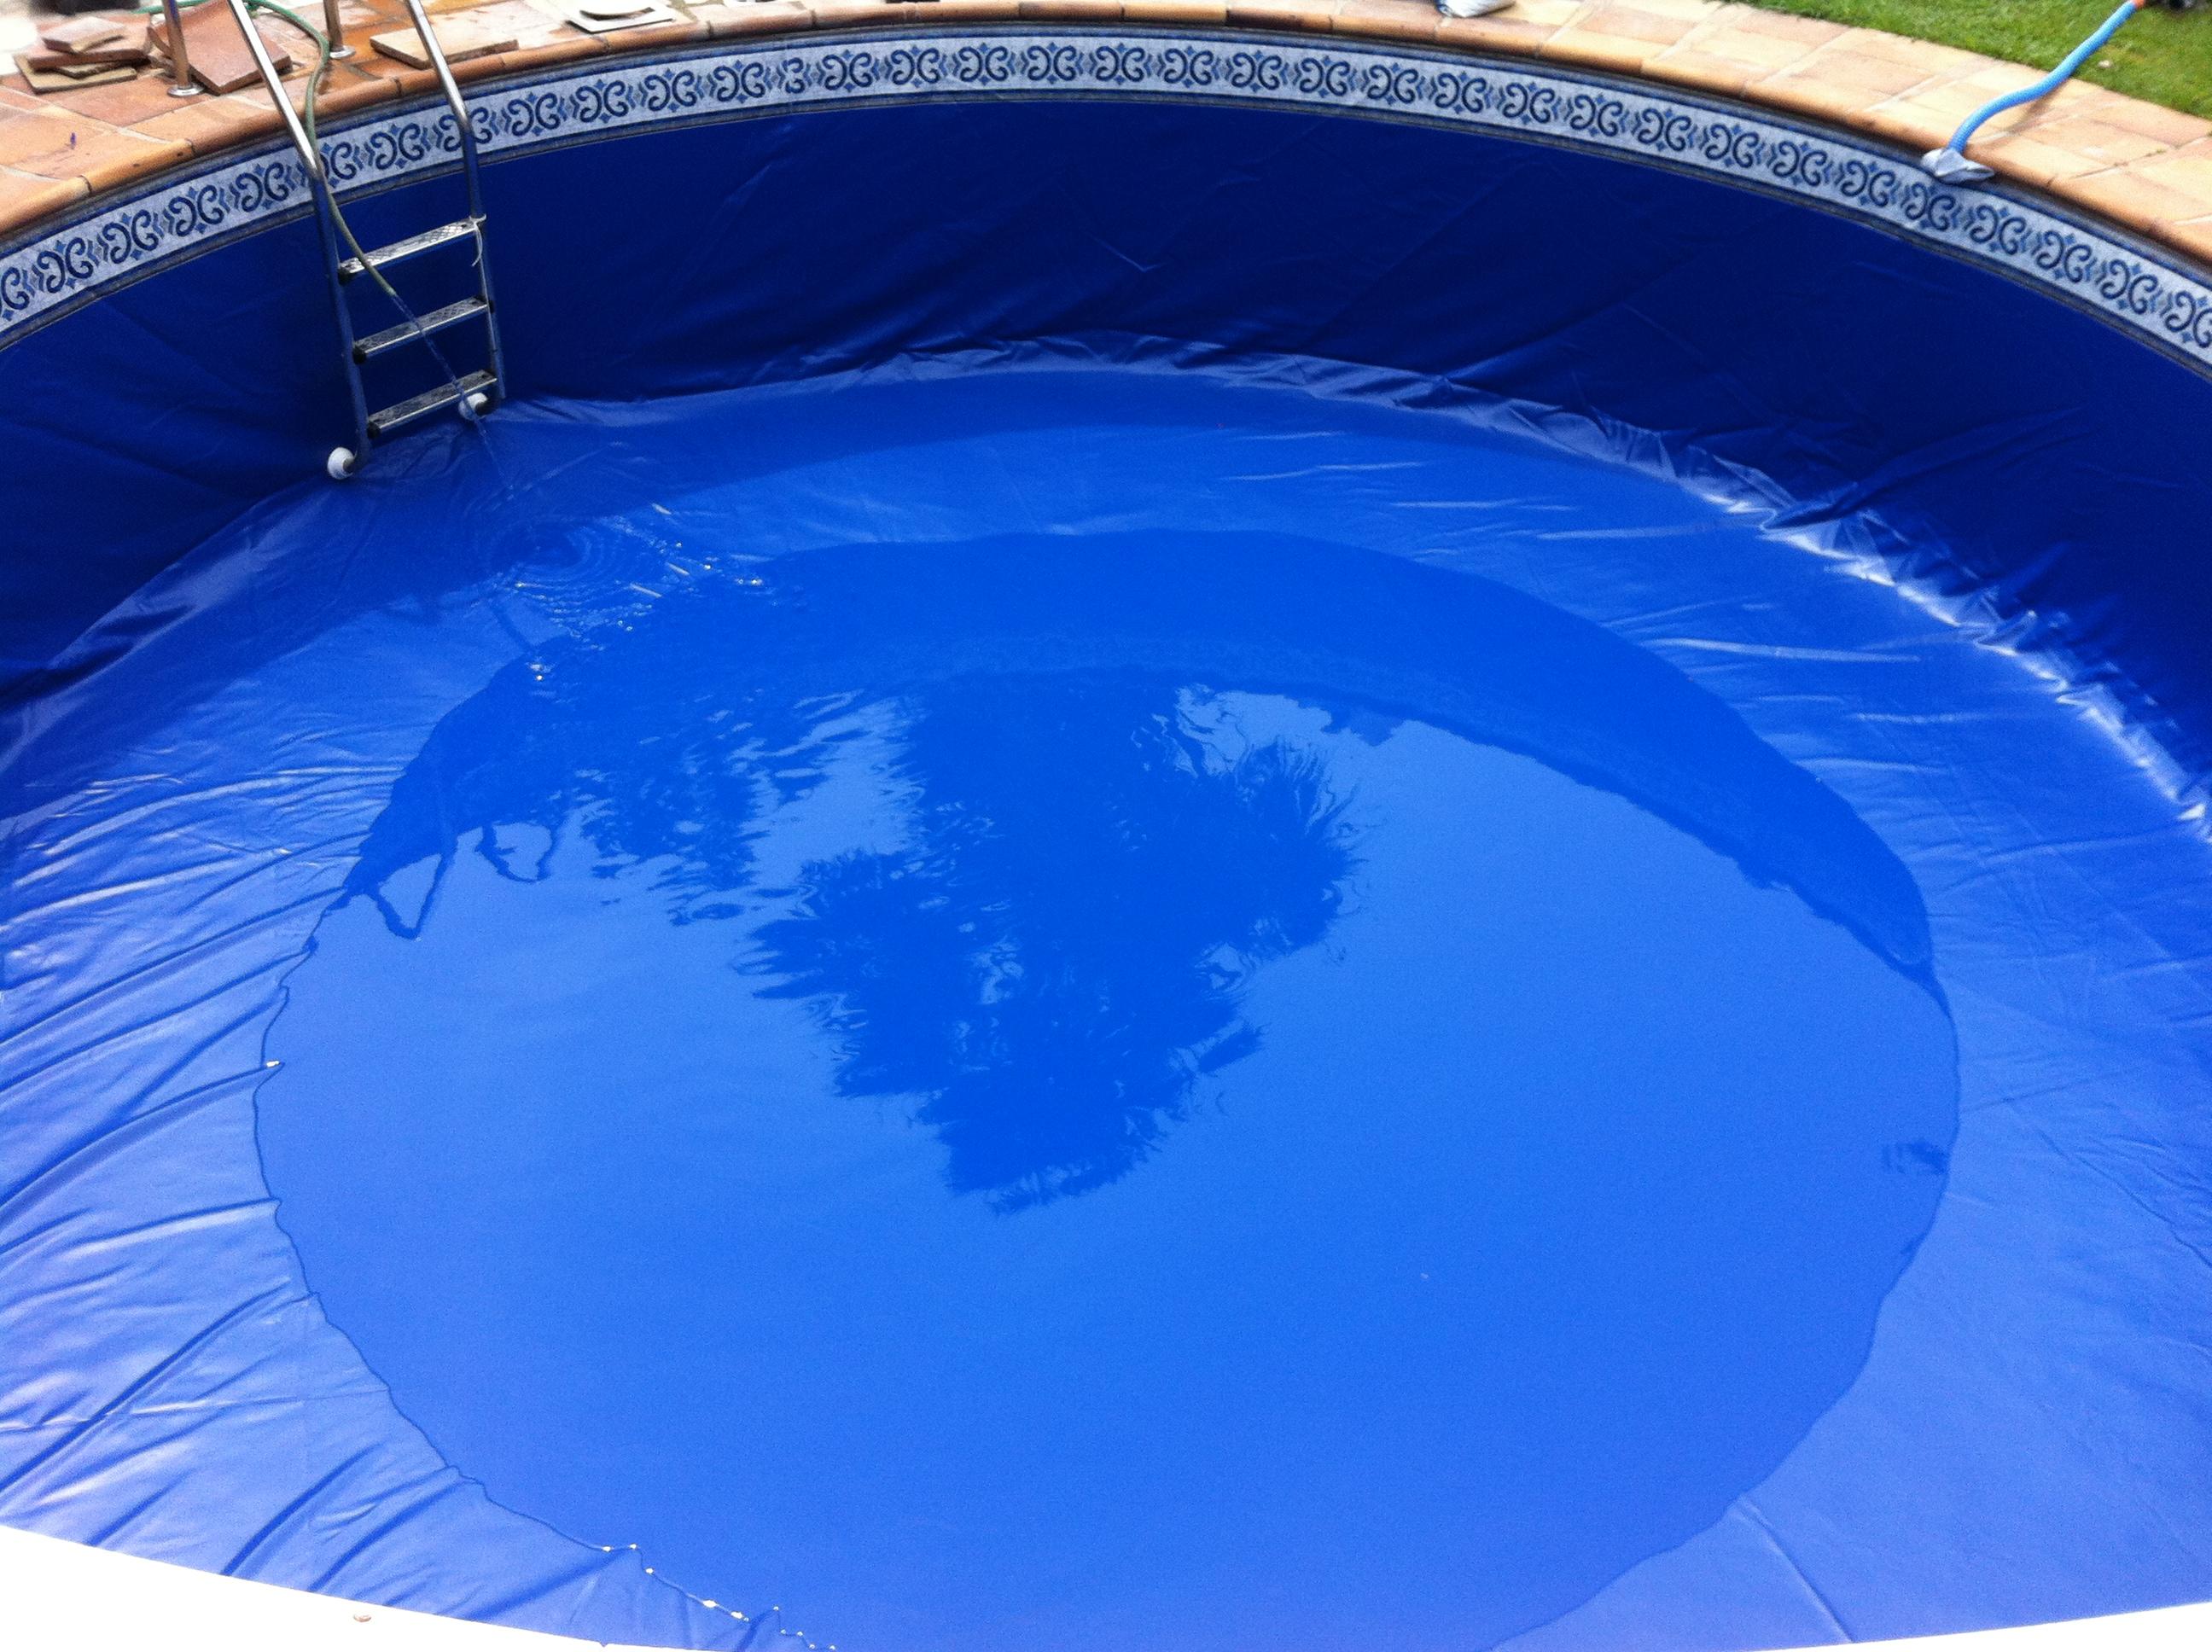 Sps piscine pose et changement de liner piscine alpes for Devis changement liner piscine